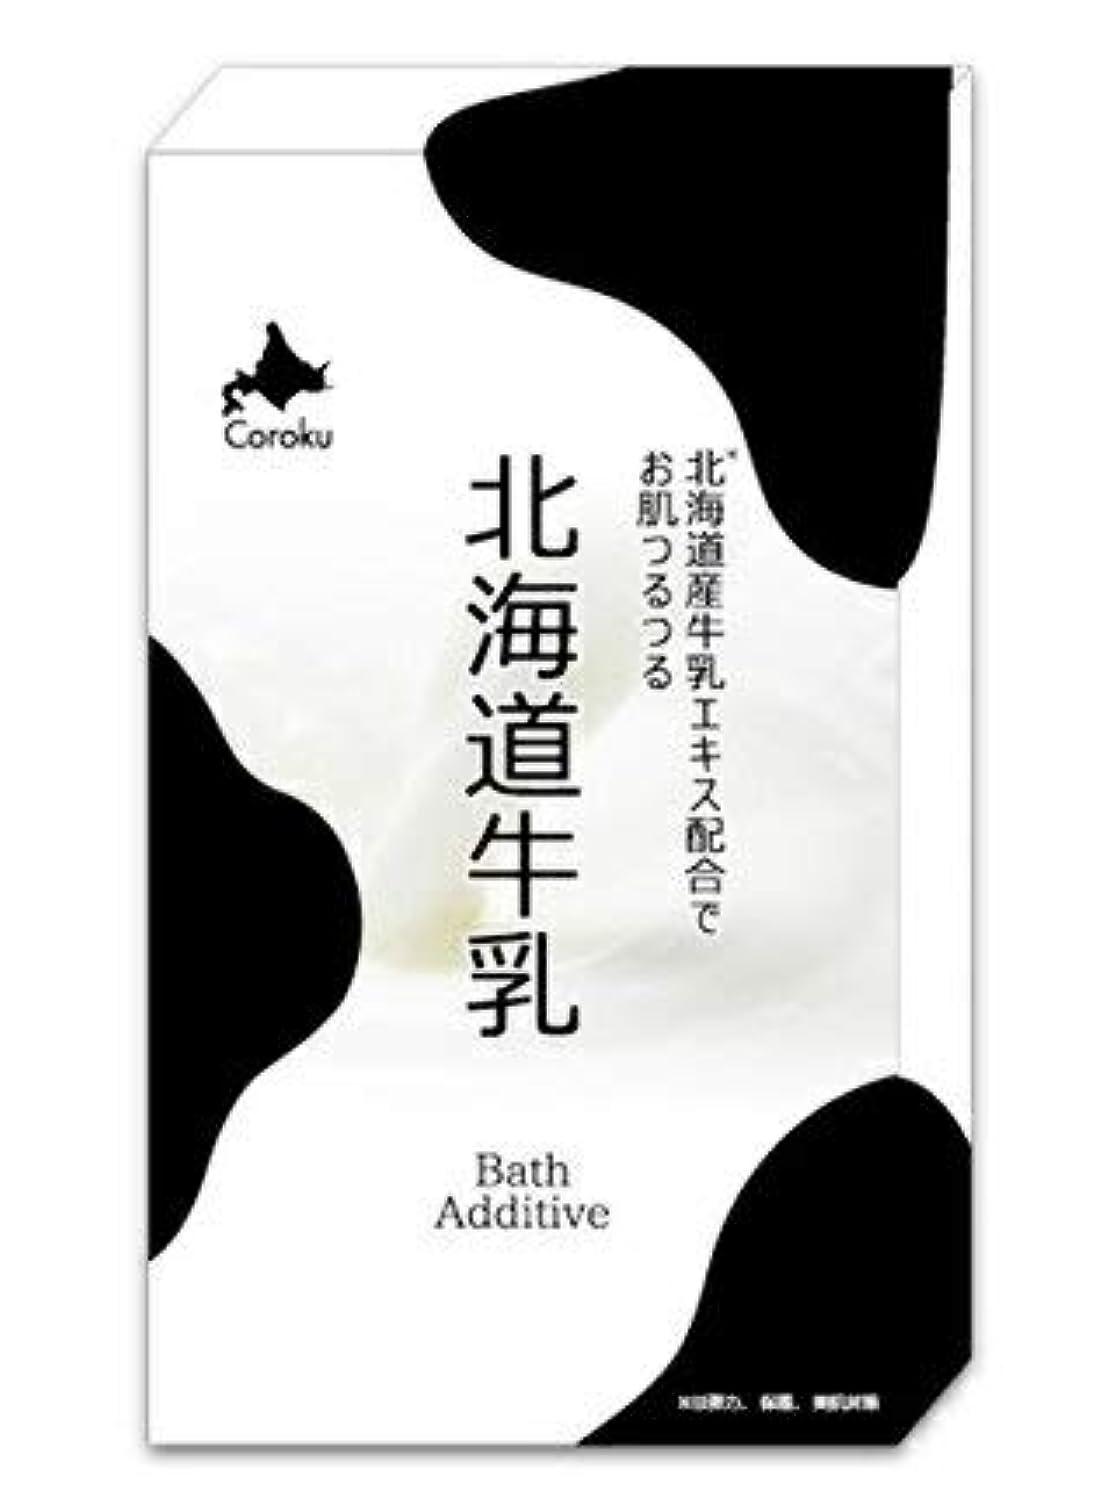 既にチャーミング失態北海道牛乳 入浴剤 BATH ADDITIVE